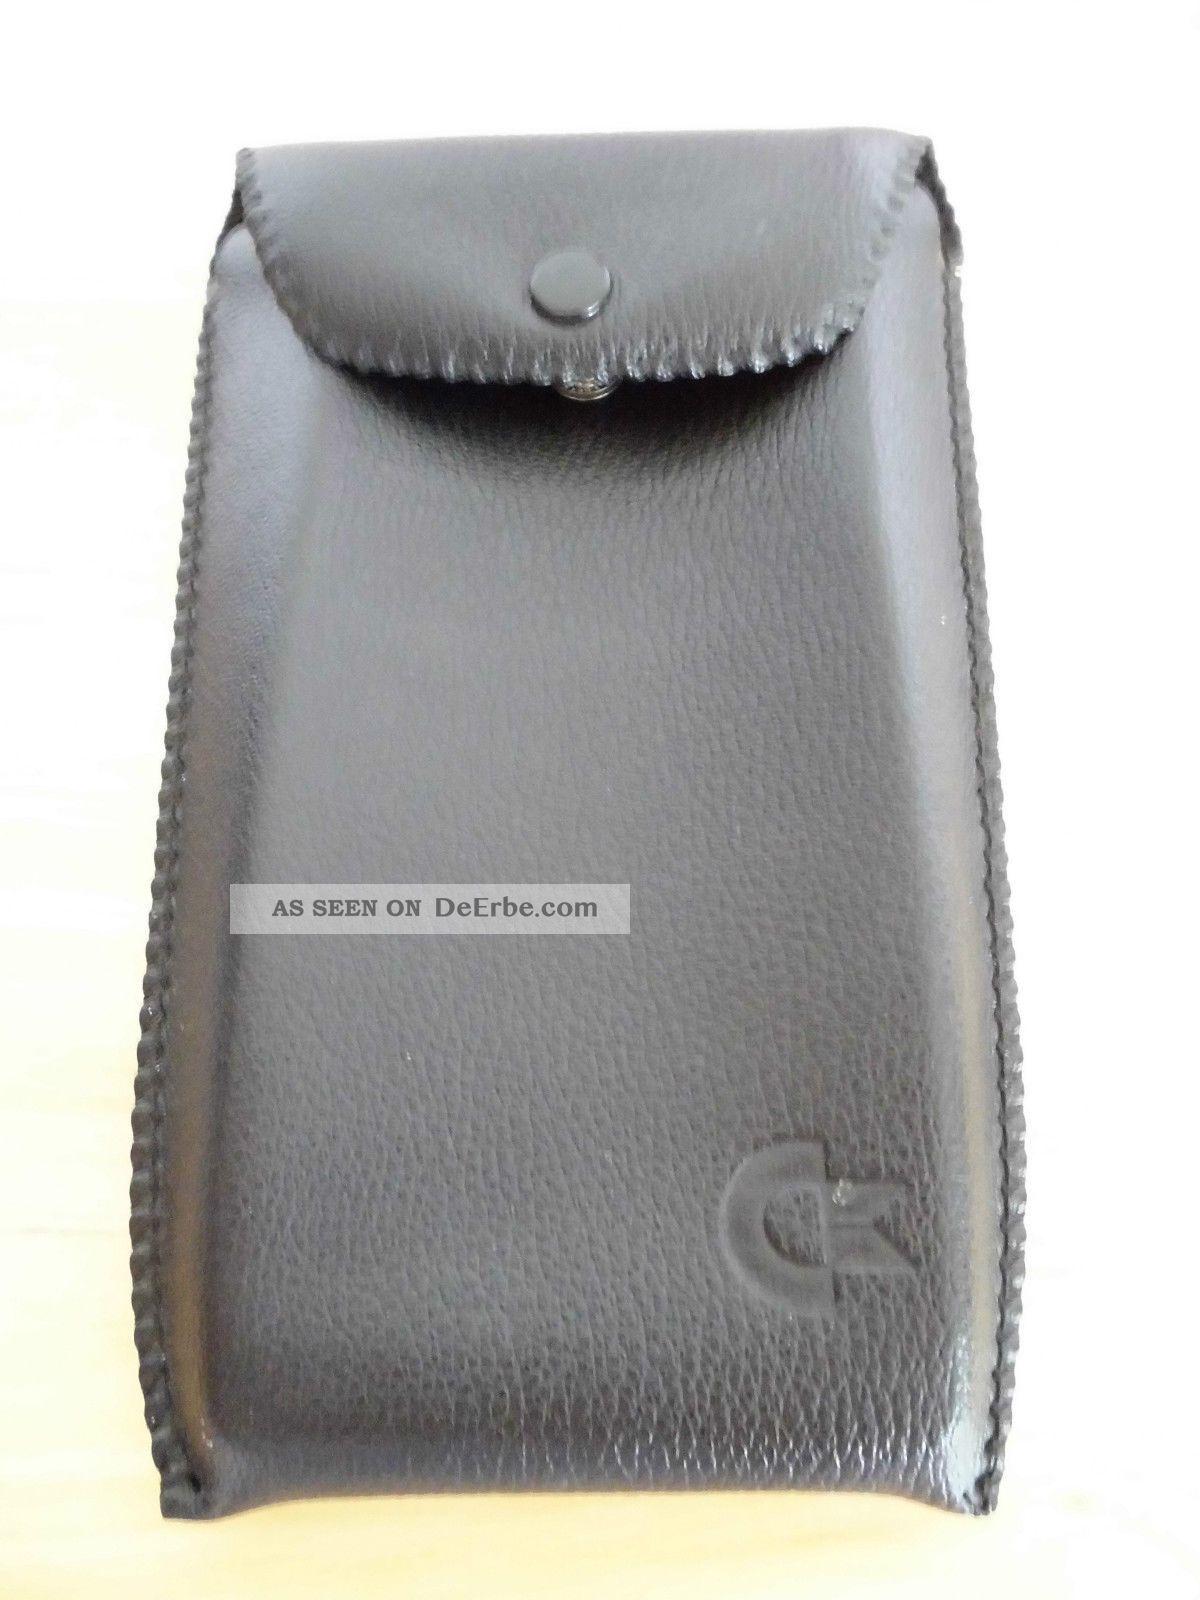 commodore taschenrechner model 886d inkl tasche ba top. Black Bedroom Furniture Sets. Home Design Ideas